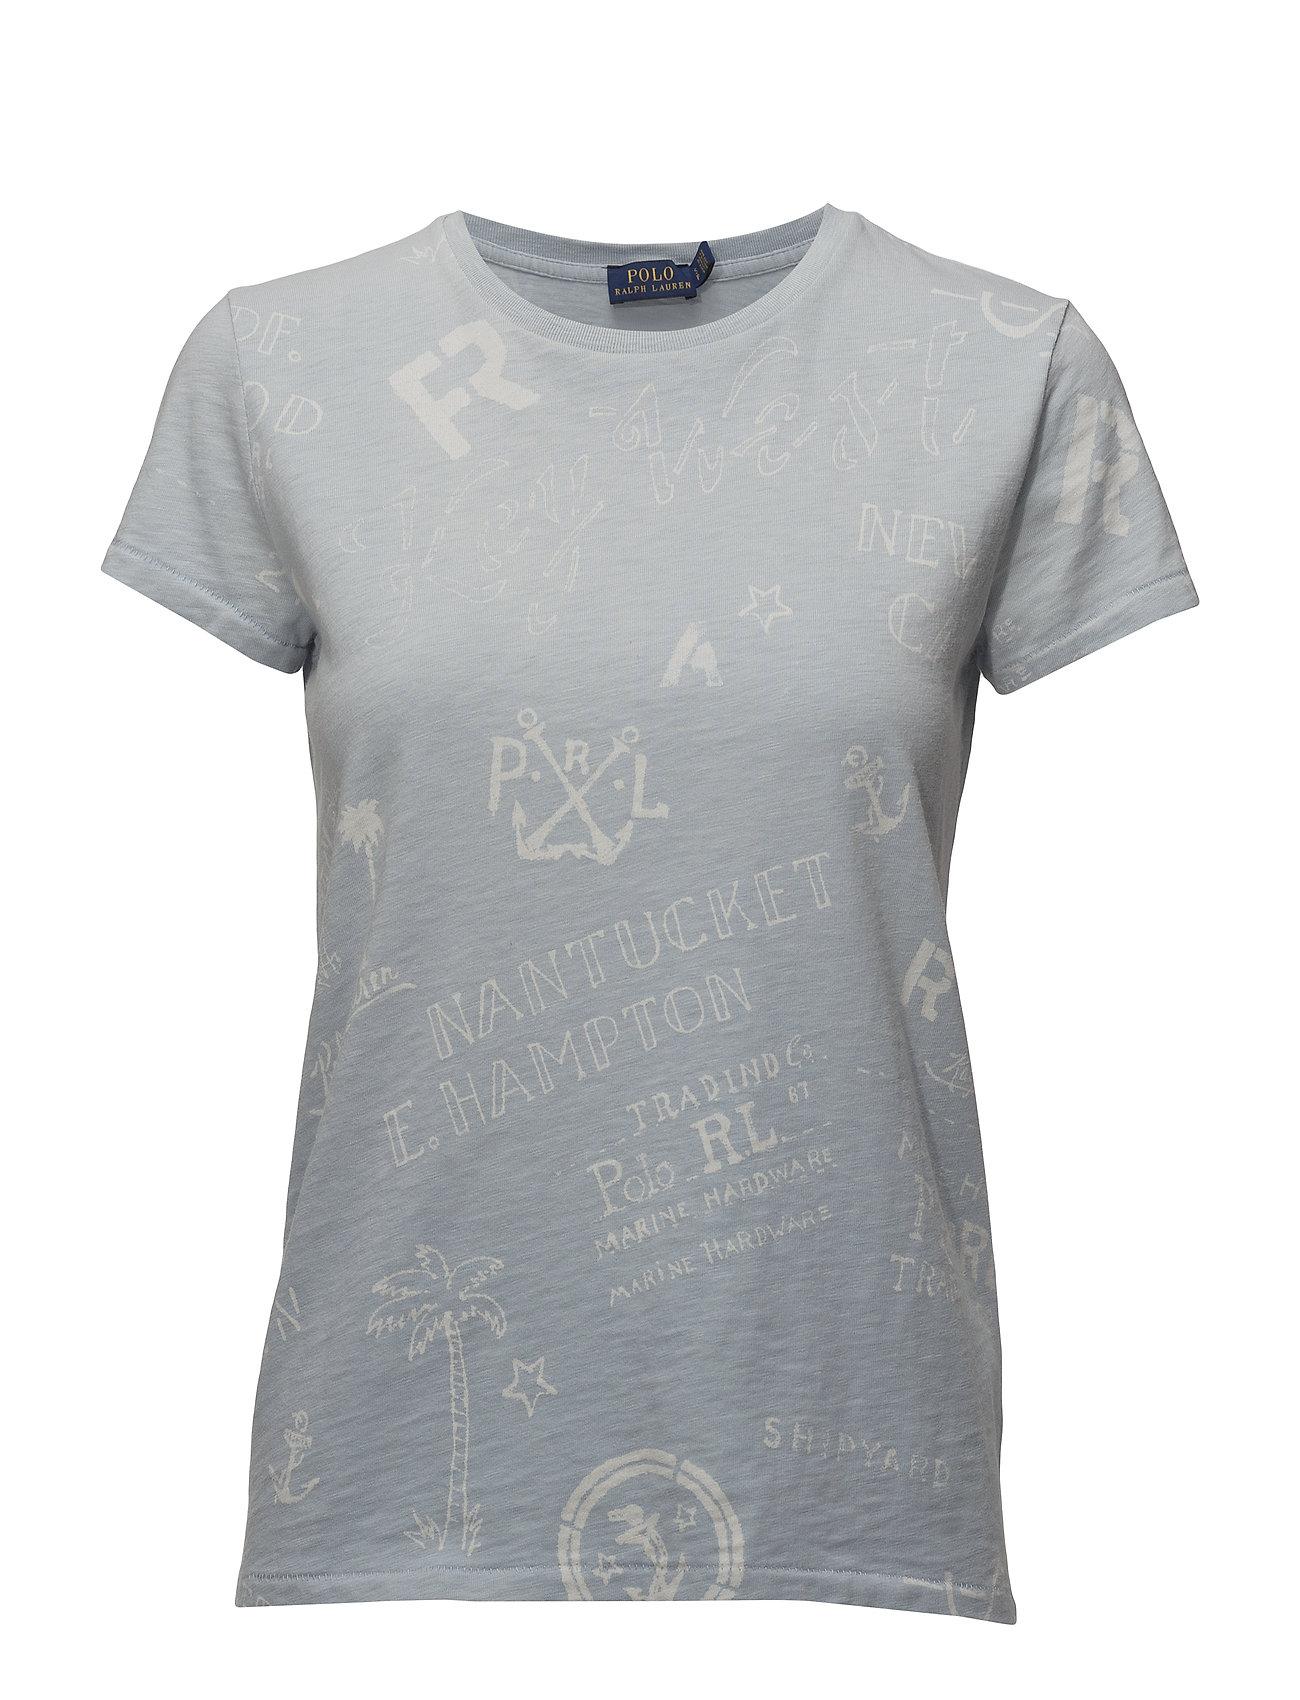 59fa70a7 ... sale polo ralph lauren nautical print cotton t shirt db5b5 a6109